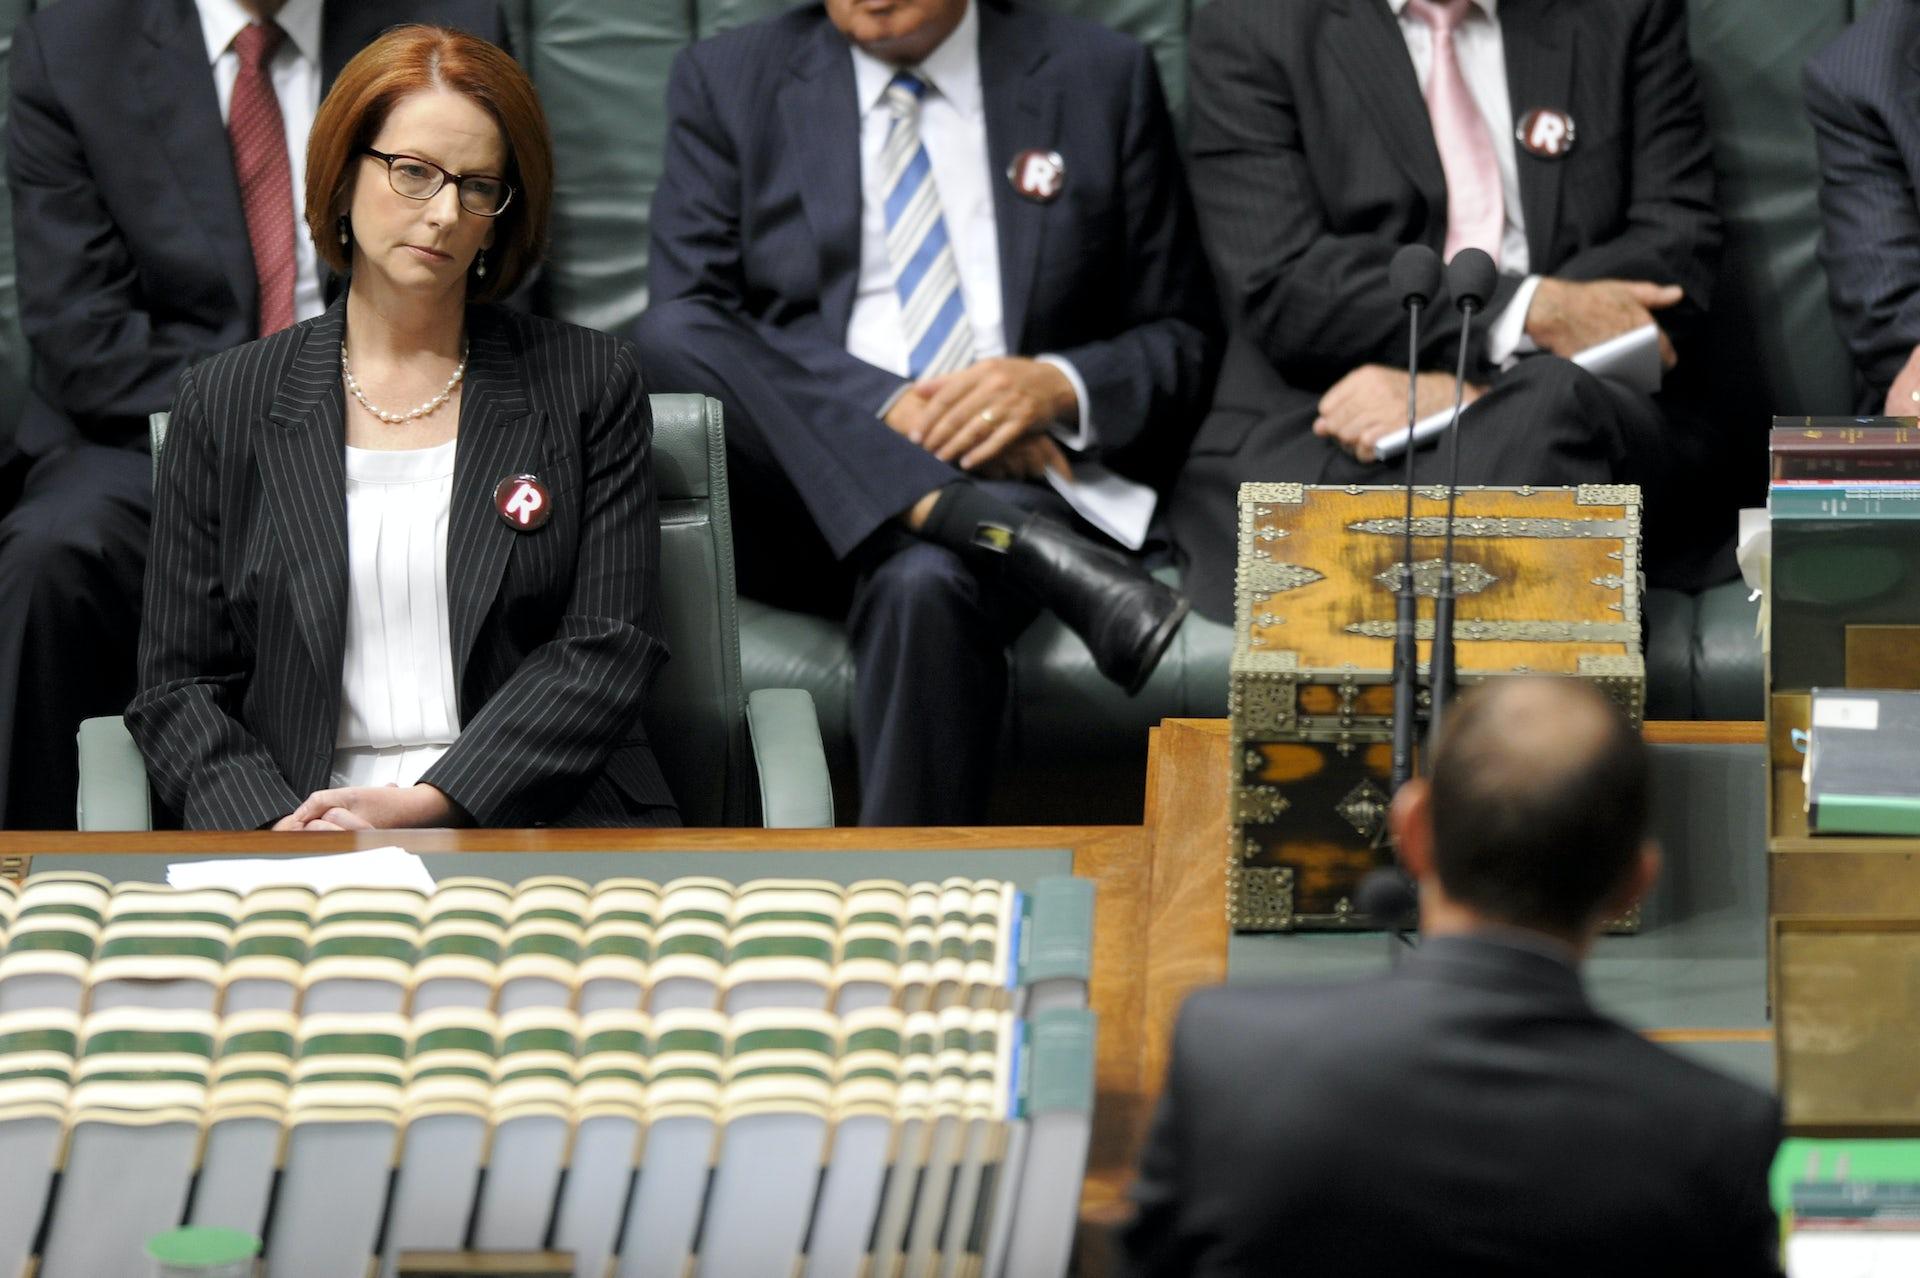 Selfie Julia Gillard nudes (38 photo), Topless, Cleavage, Twitter, in bikini 2018